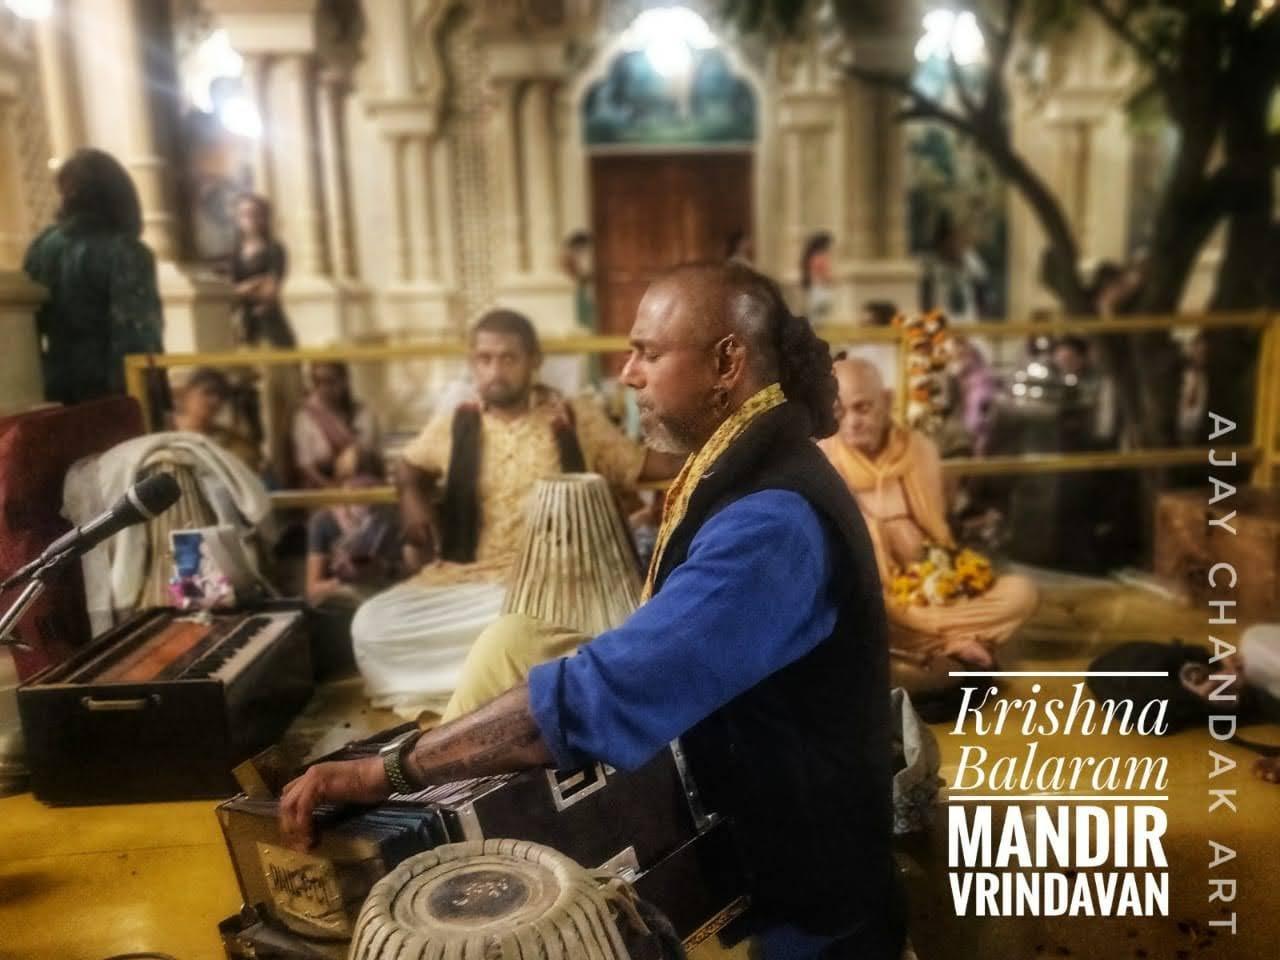 Krishna Balaram Mandir, Vrindavan, India